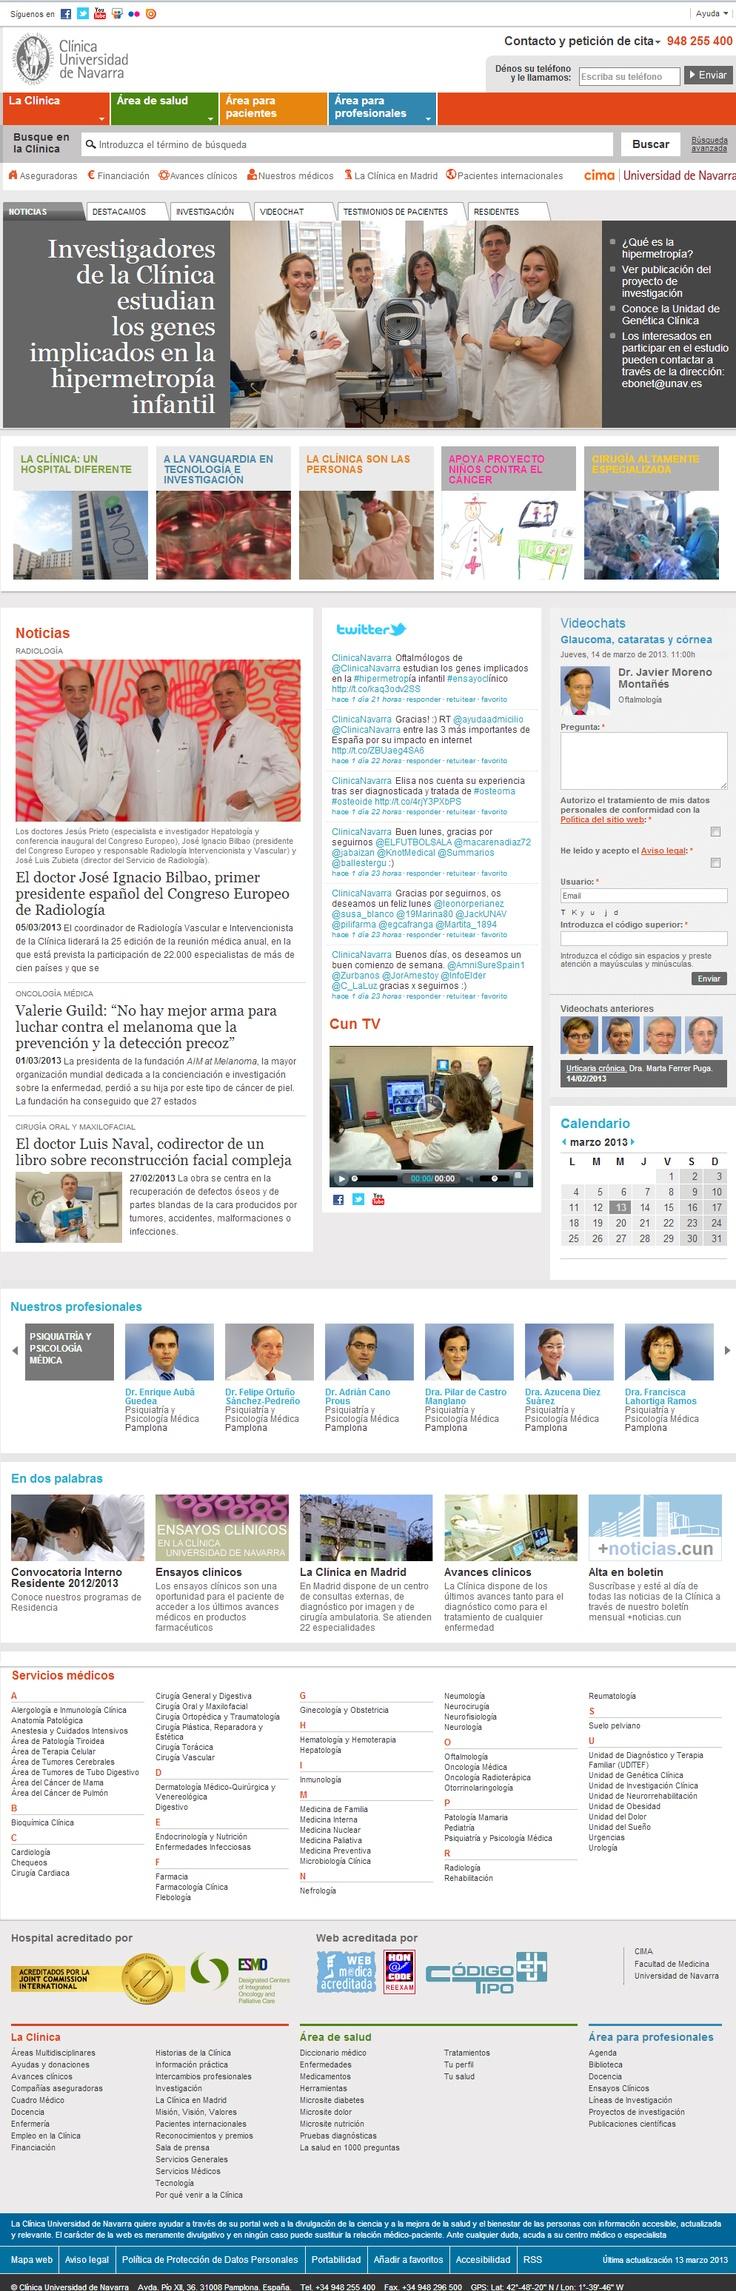 Website Cínica Universidad de Navarra, un caso de excelencia, tanto en contenidos como en estructura web, se plasman a la perfección los tratamientos y especialidades, genera conocimiento a los pacientes y consigue acercar los doctores a los pacientes a través de la web y las redes sociales.